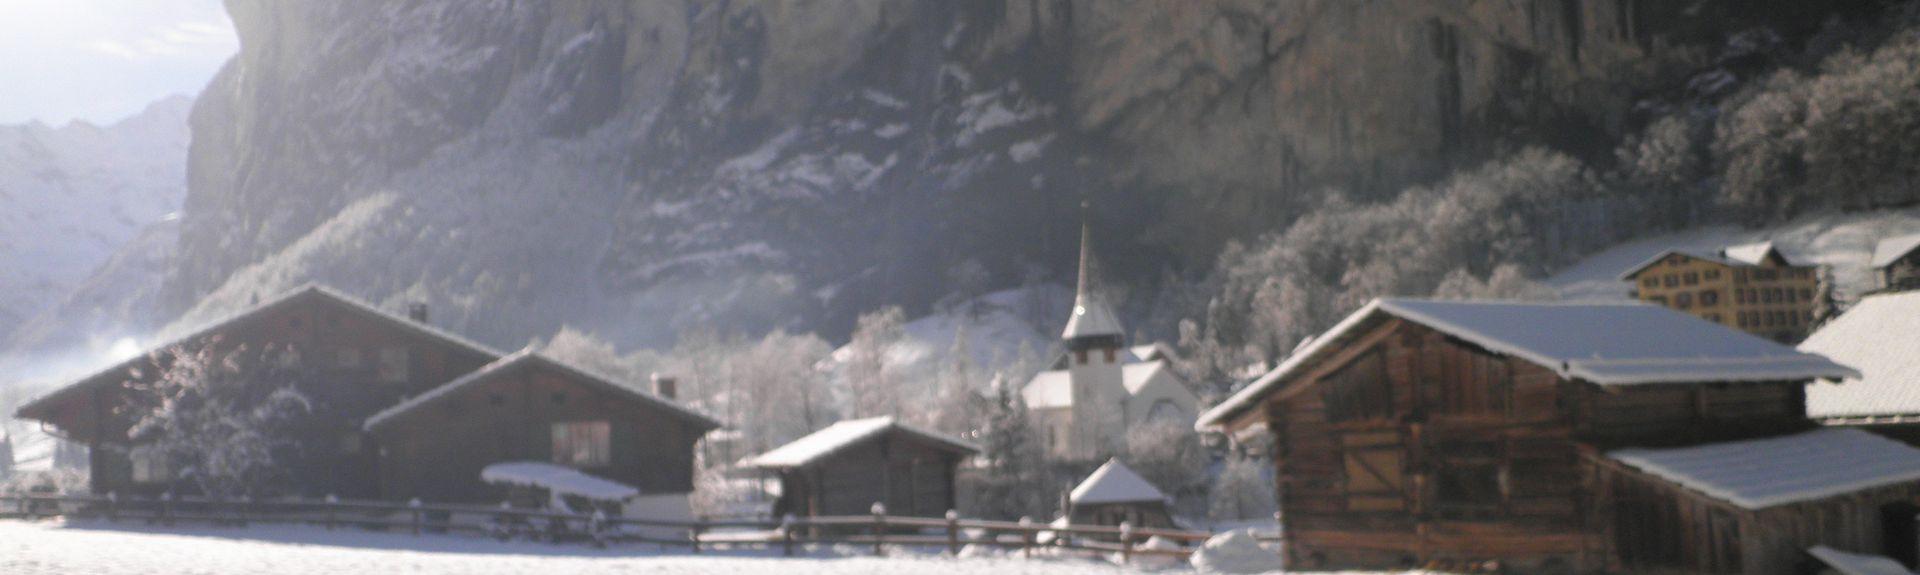 Bettmeralp Ski Resort, Bettmeralp, Valais, Switzerland